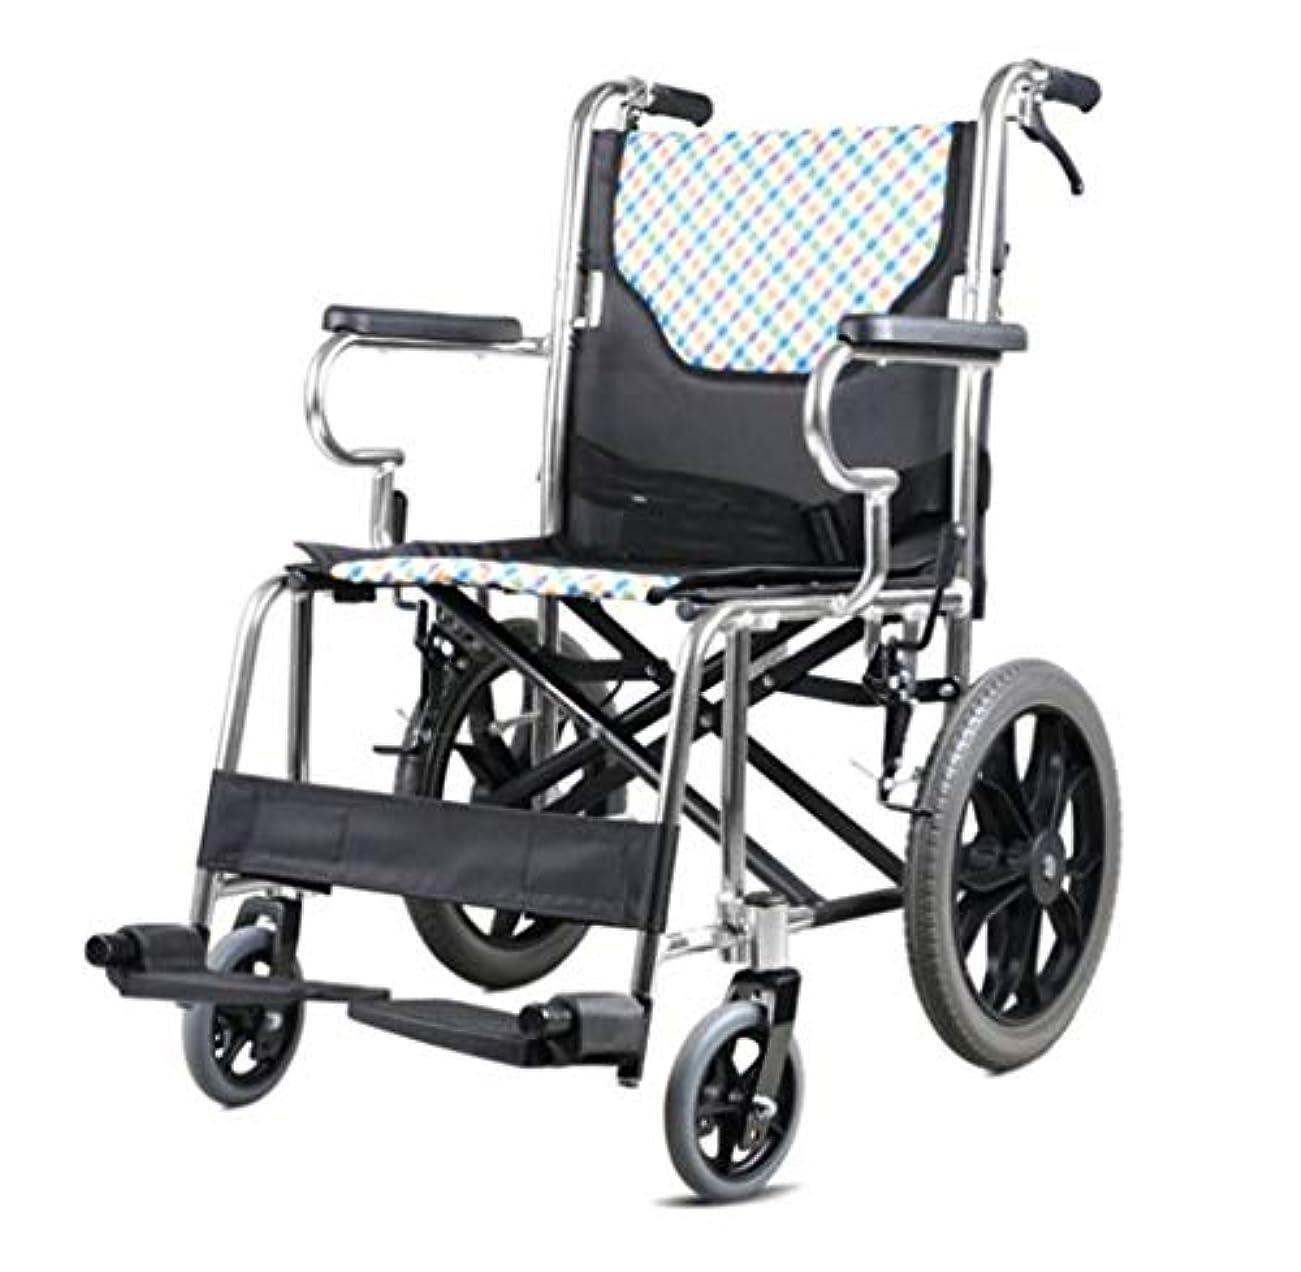 起きてでも真面目な車椅子用トロリー折りたたみ式、高齢者用トロリー、身体障害者用車椅子、容量100 Kg